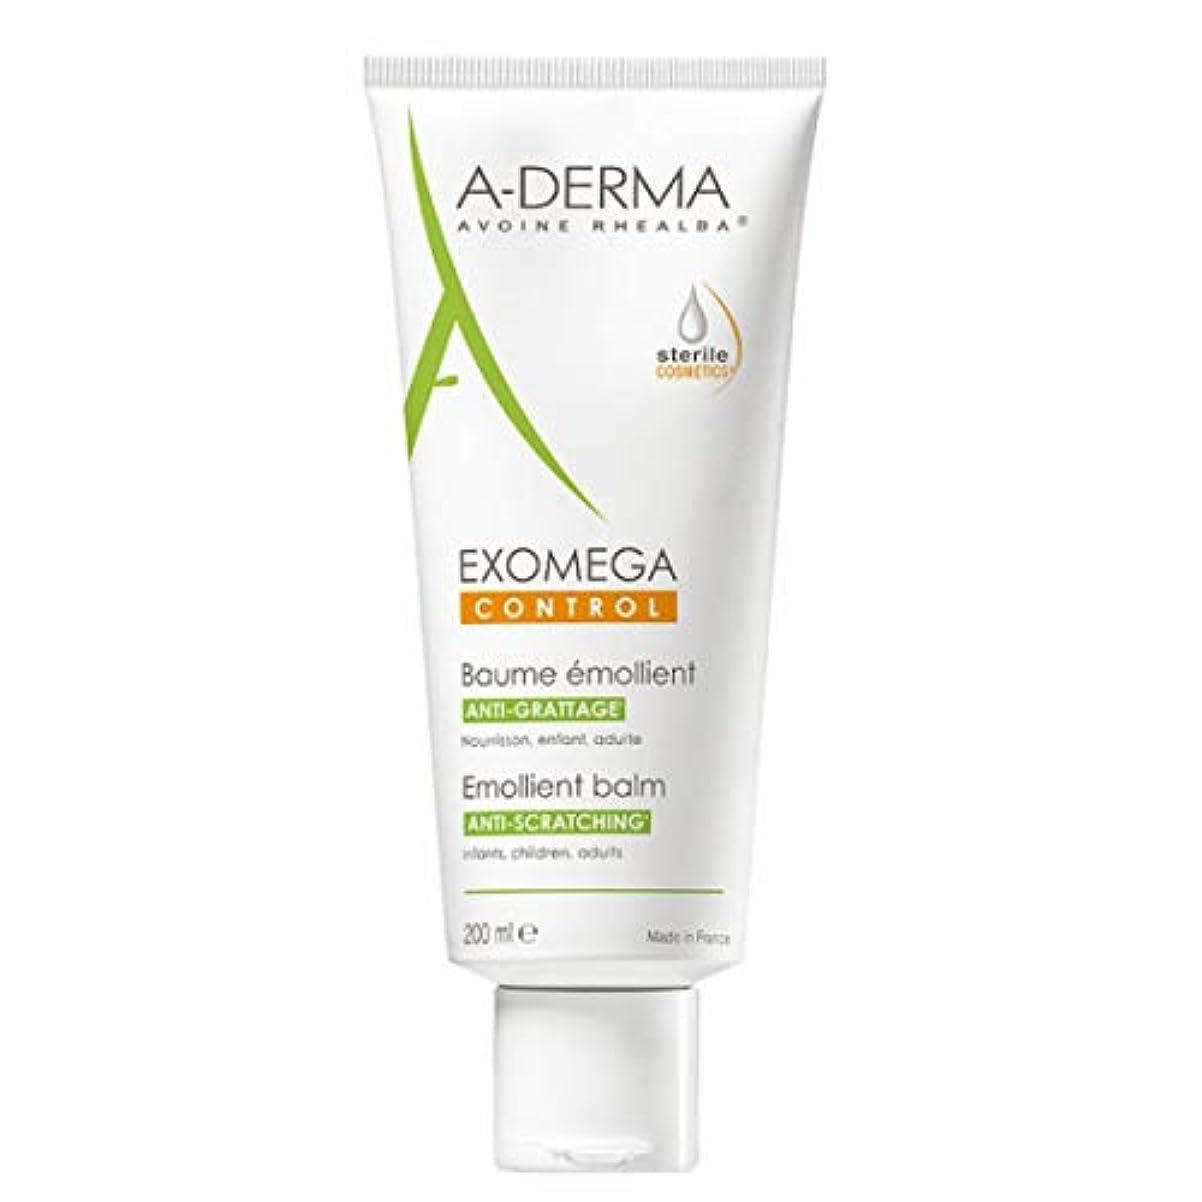 オーバーヘッド盲目タンパク質A-derma Exomega Control Emollient Balm 200ml [並行輸入品]